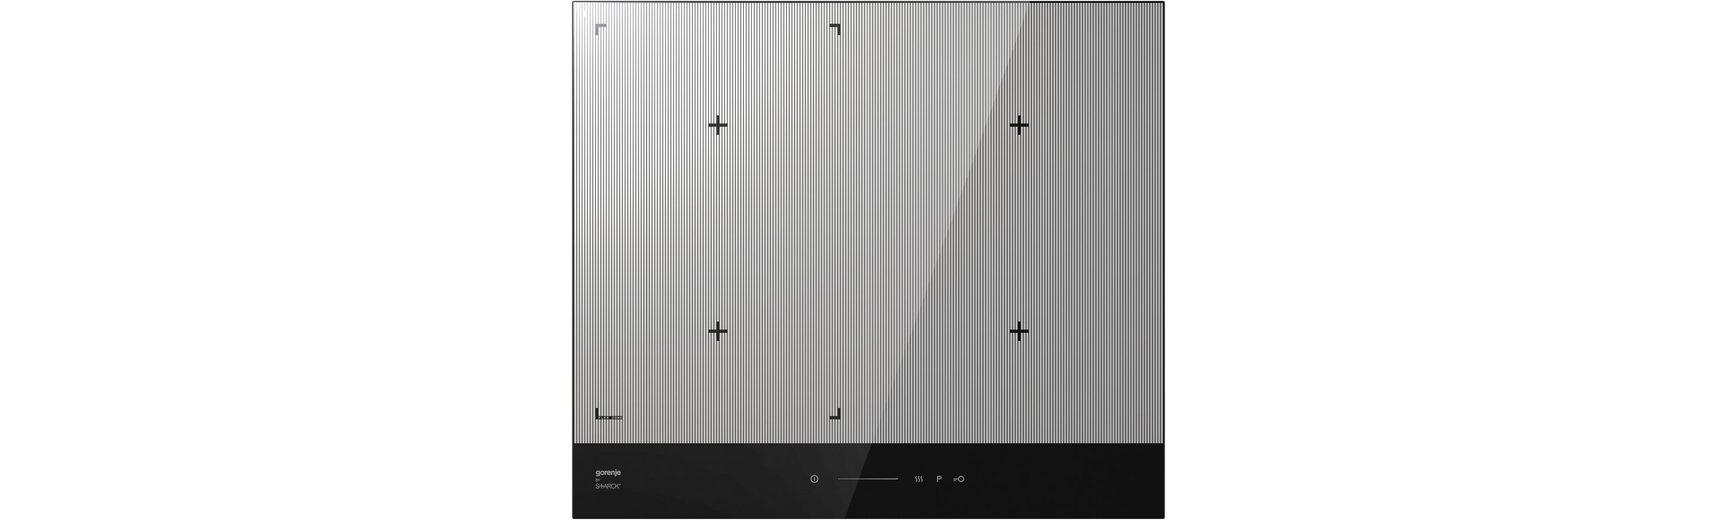 Gorenje by Starck® Flex-Induktions-Kochfeld IS655ST